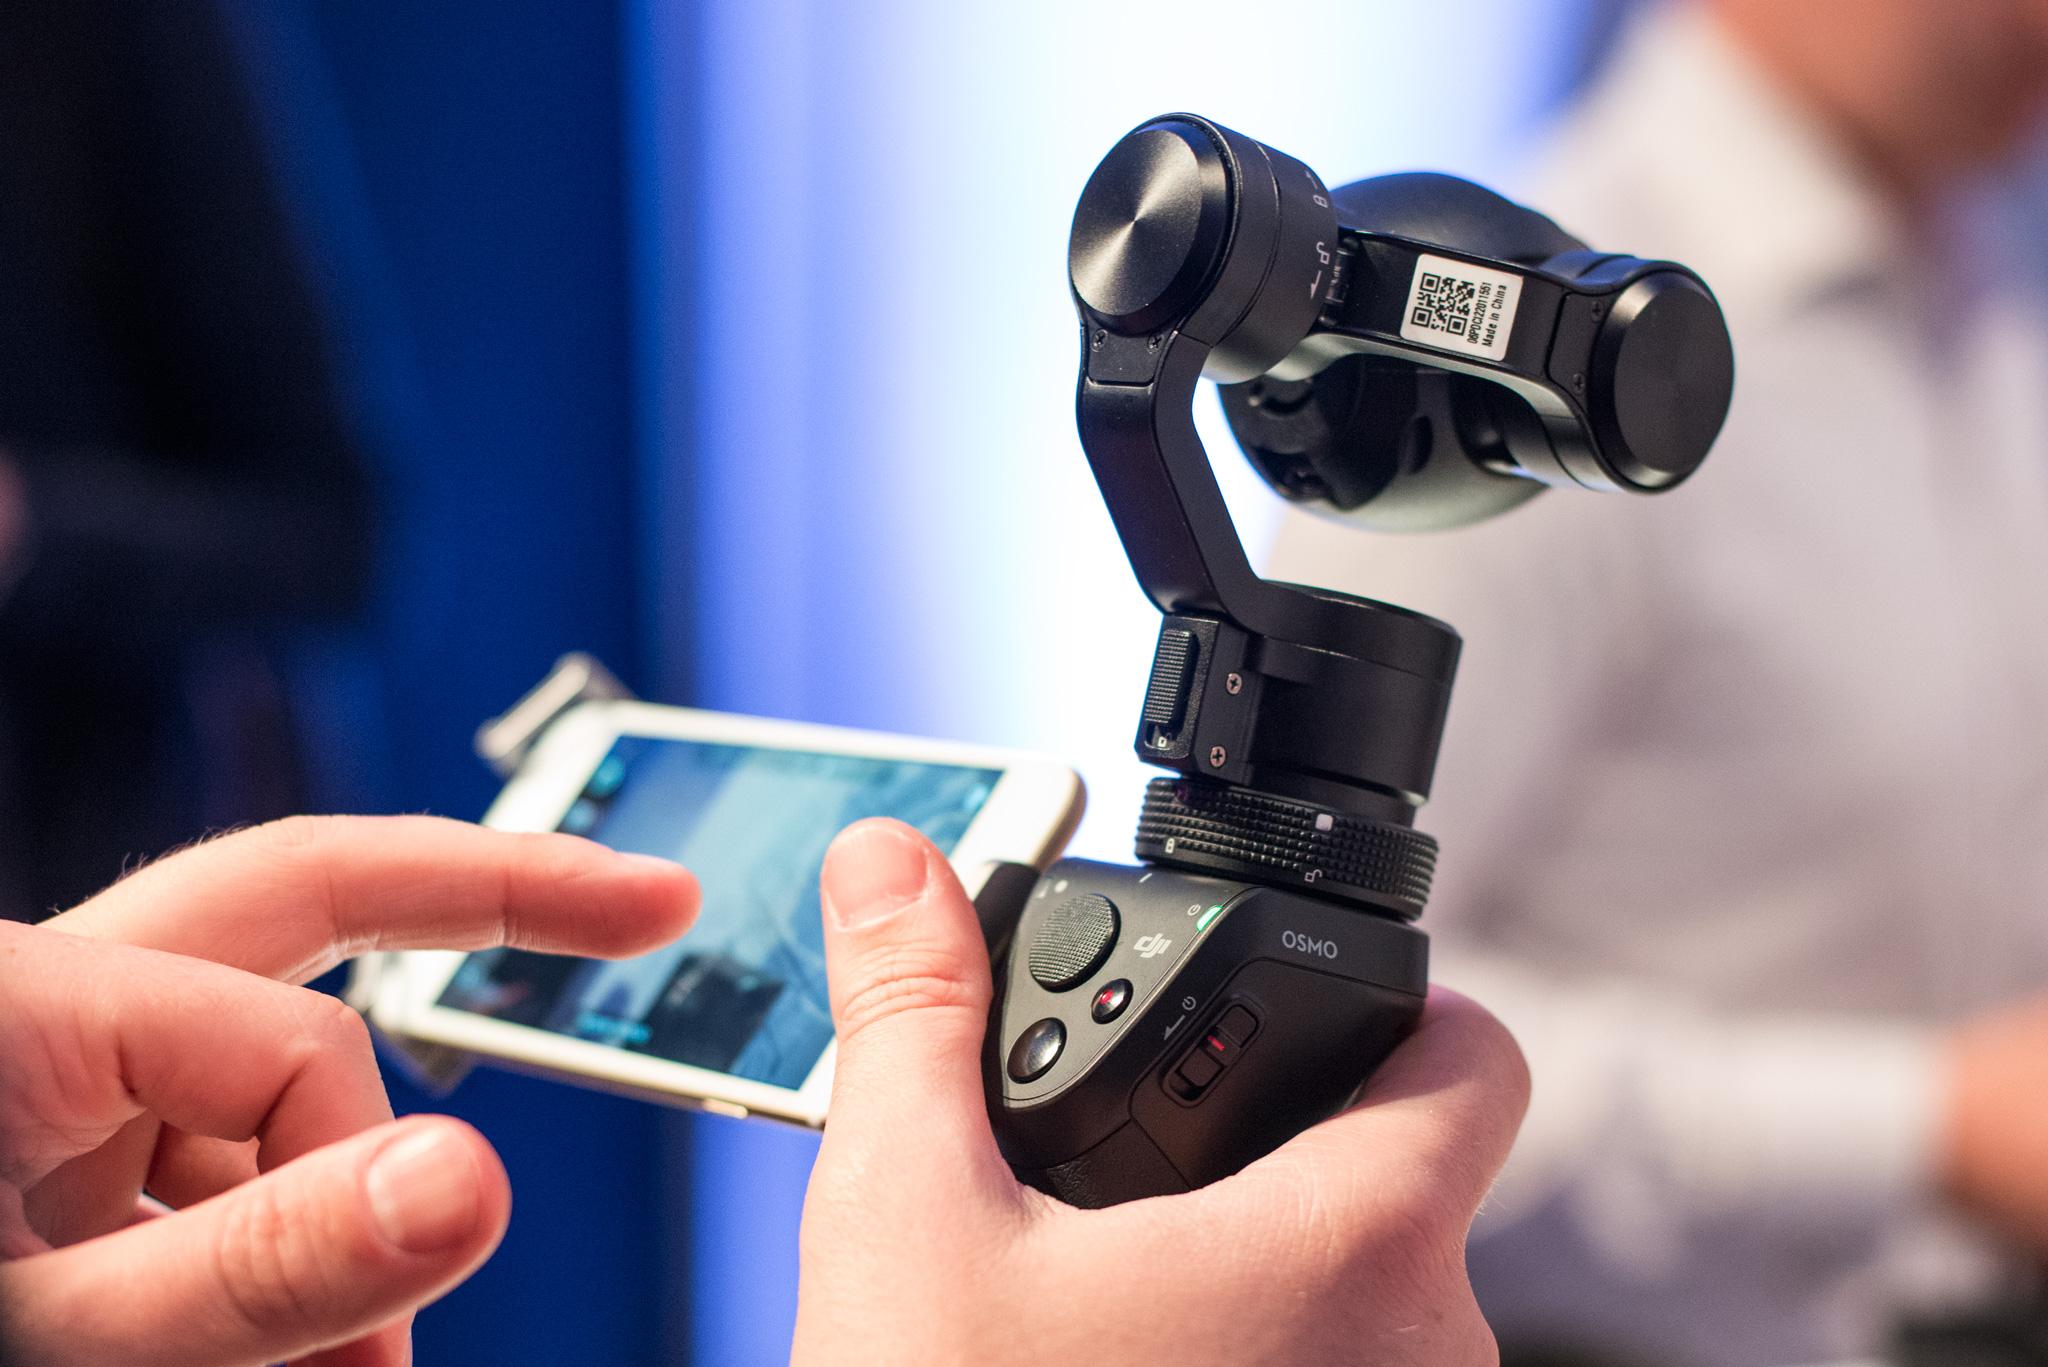 papka-foto-dji-istoriya-uspekha-nebesnykh-perfekcionistov-dji-osmo-i-smartfon